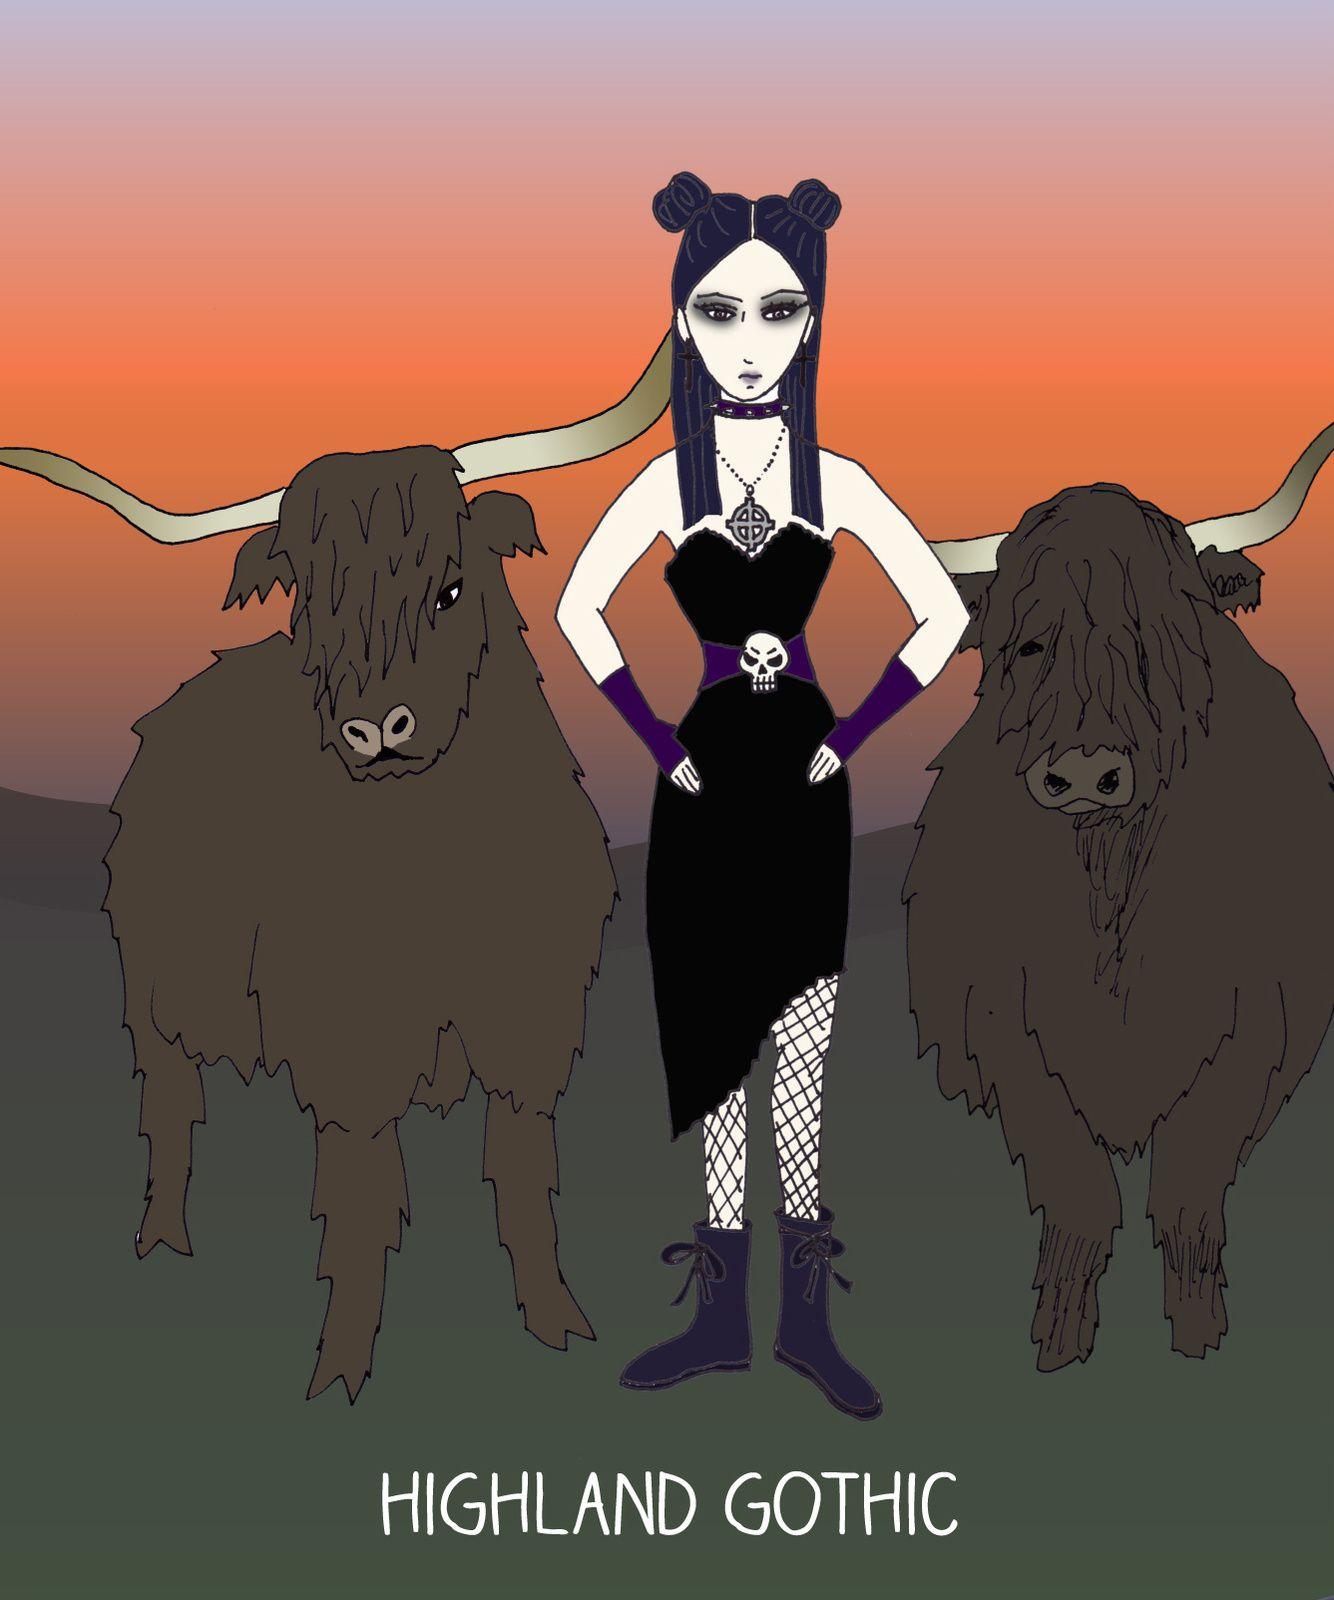 La Highland Gothic fait la tournée de ses bêtes à l'aube, car la brume encore dense lui permet de communier plus intensément avec son troupeau.